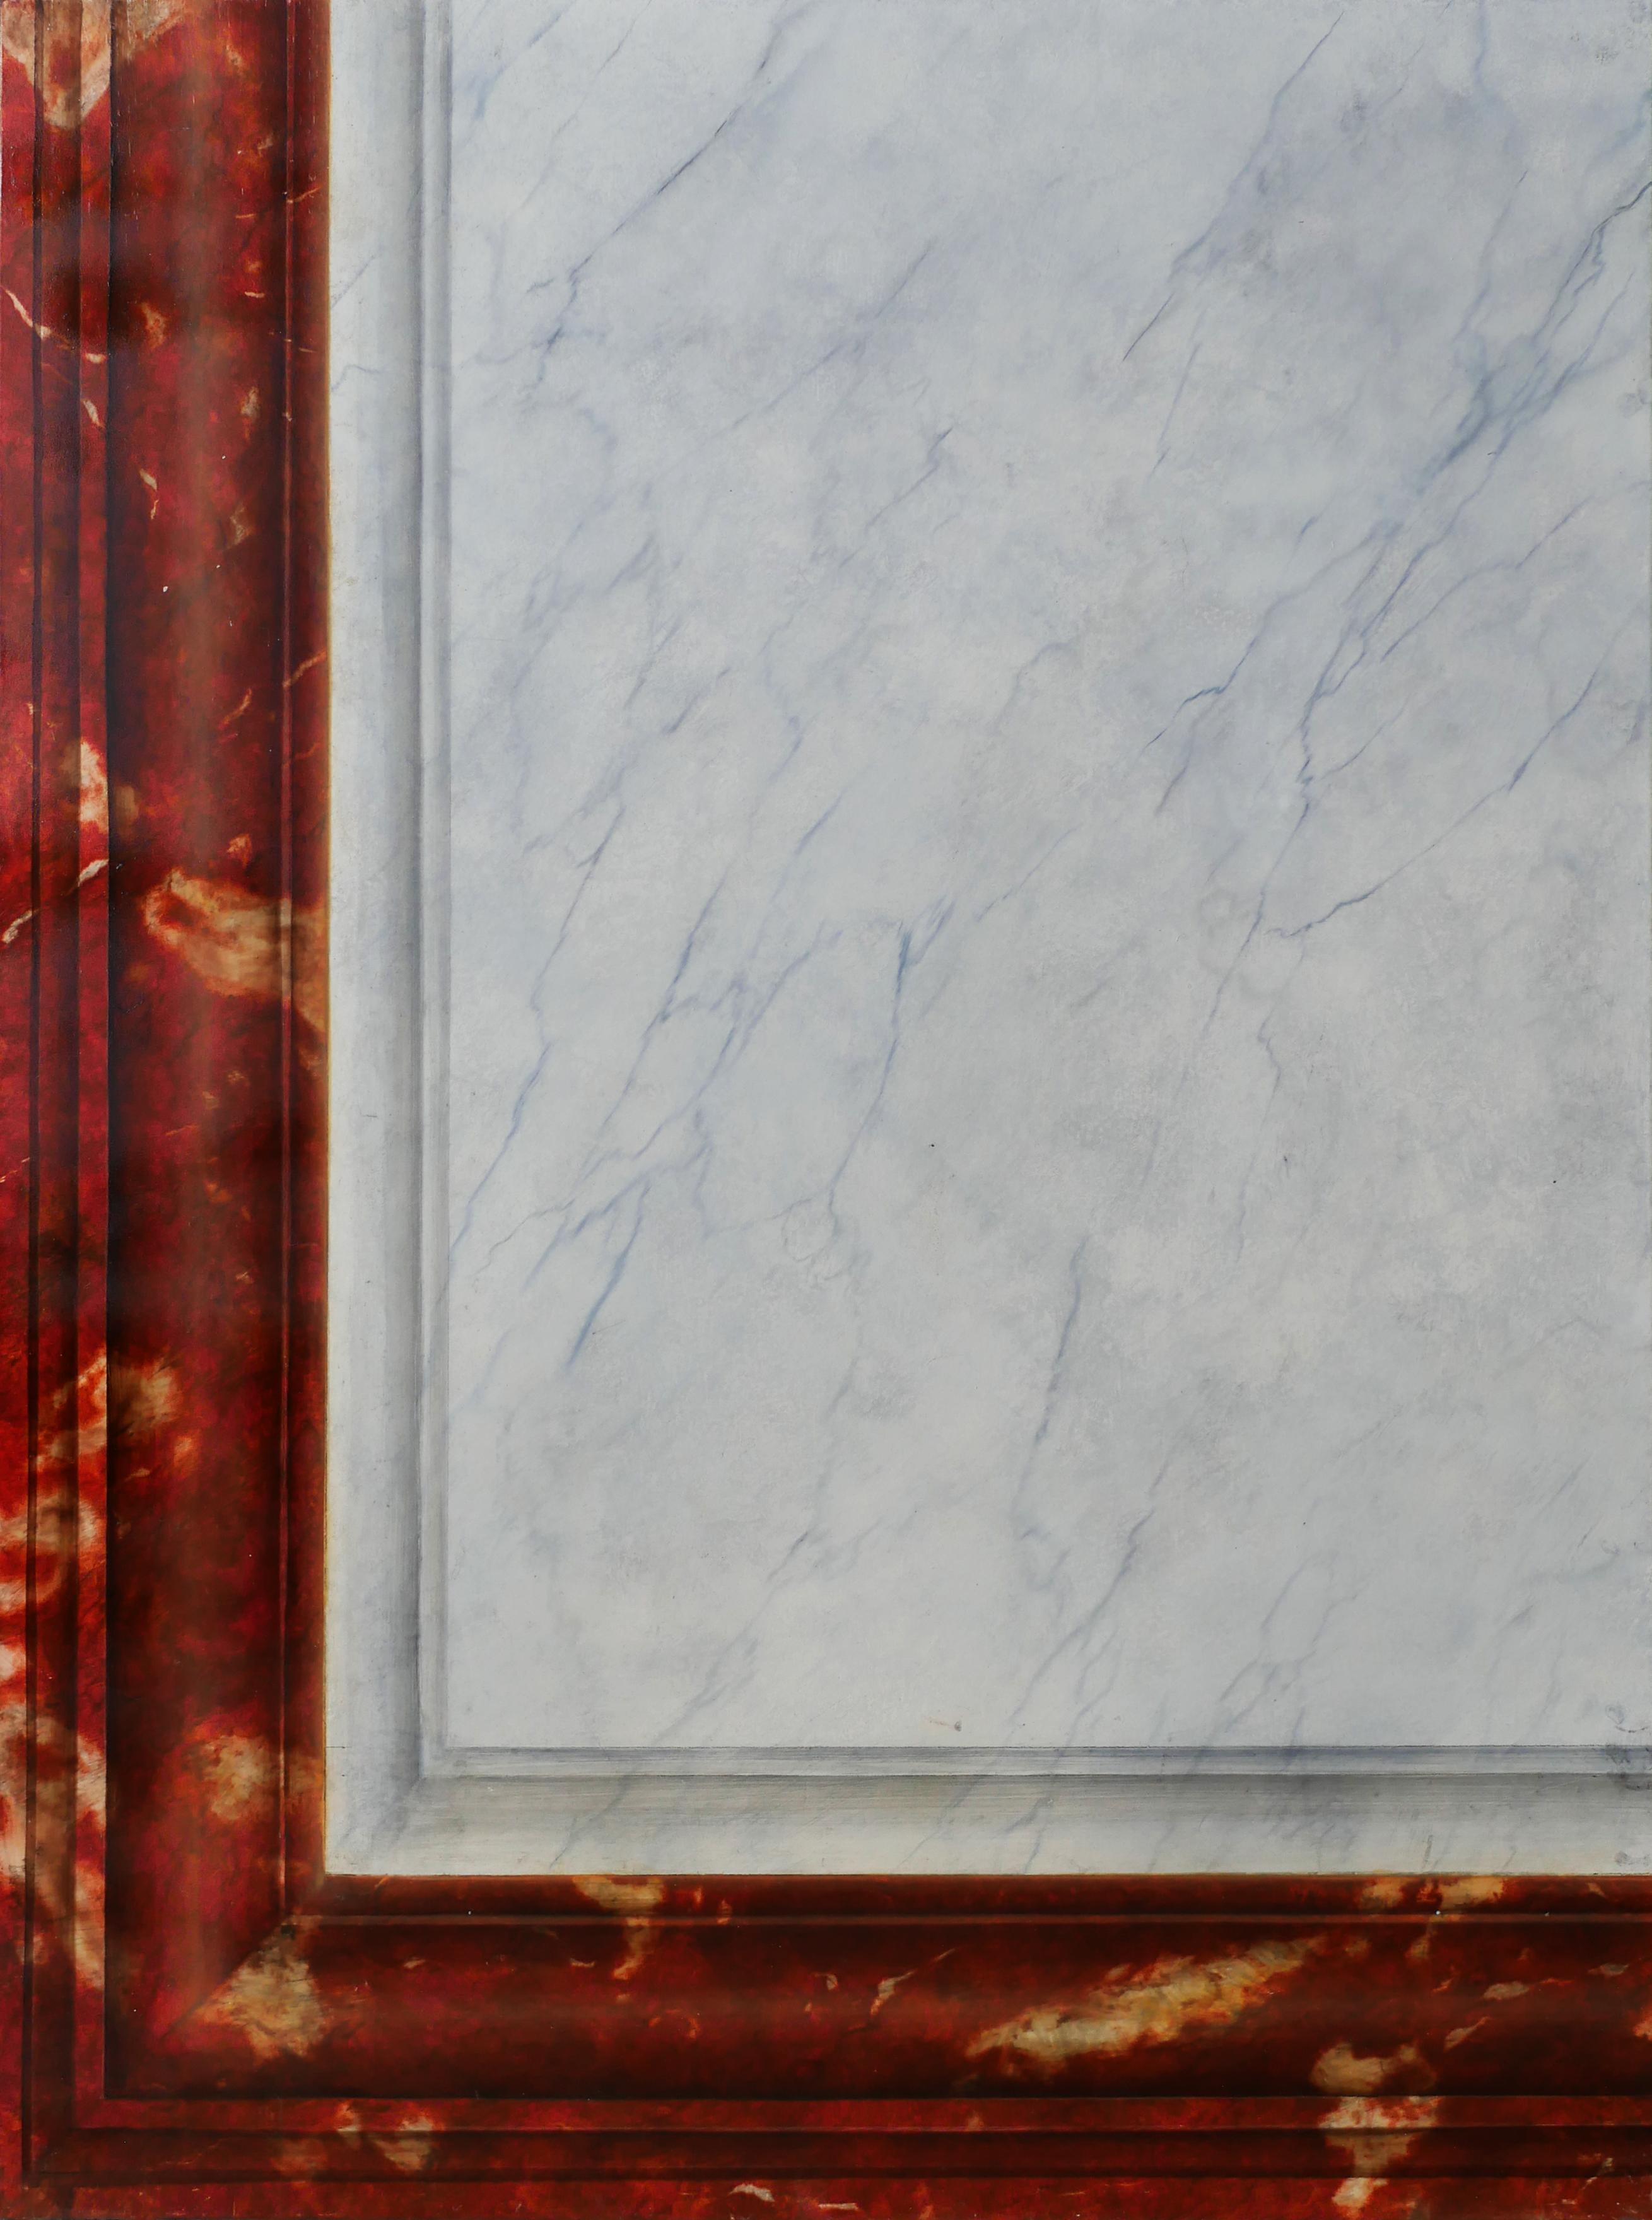 Décor imitation marbre rouge Languedoc et blanc veiné, faux marbre, effet de matière. Assilem décors, peintre en décor Bordeaux, décoration intérieure, peinture décorative